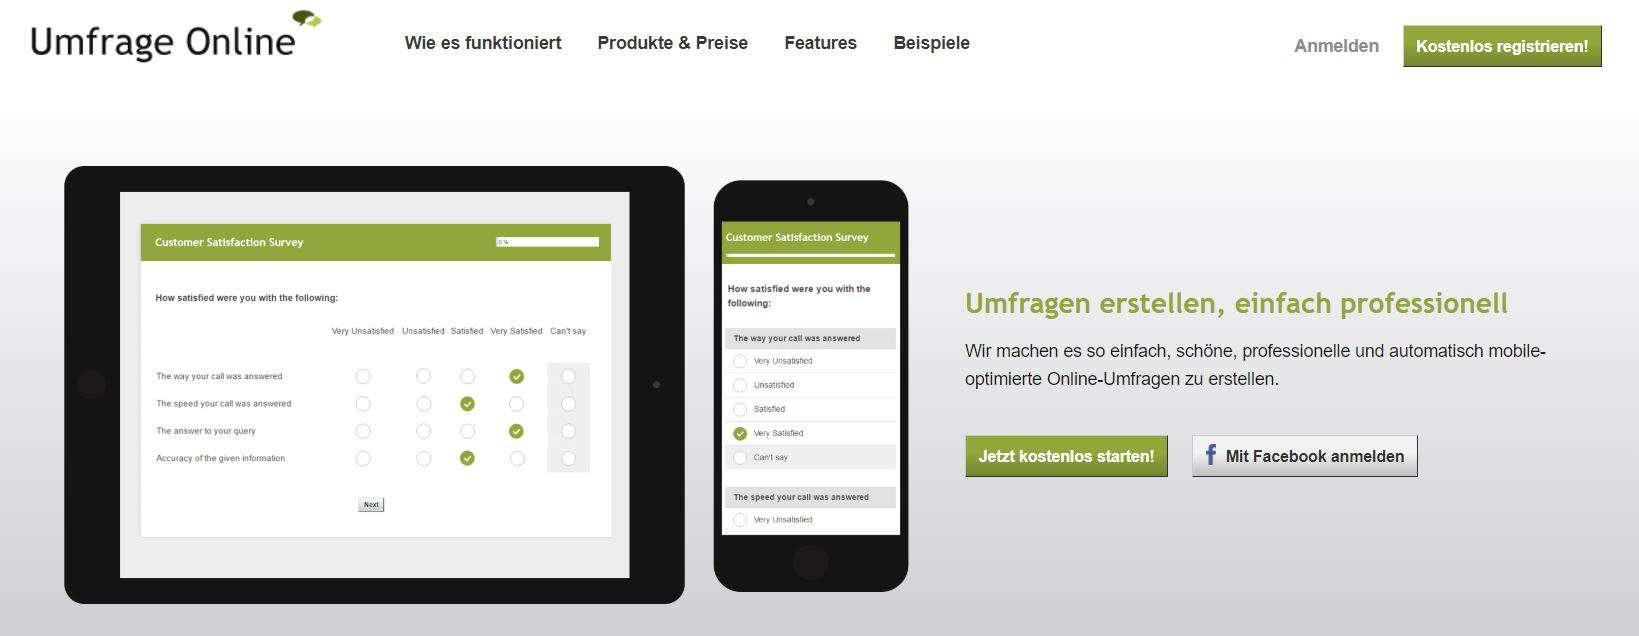 Umfrageonline.com ist ein sehr übersichtliches Tool, mit denen sich leicht Umfragen online erstellen lassen